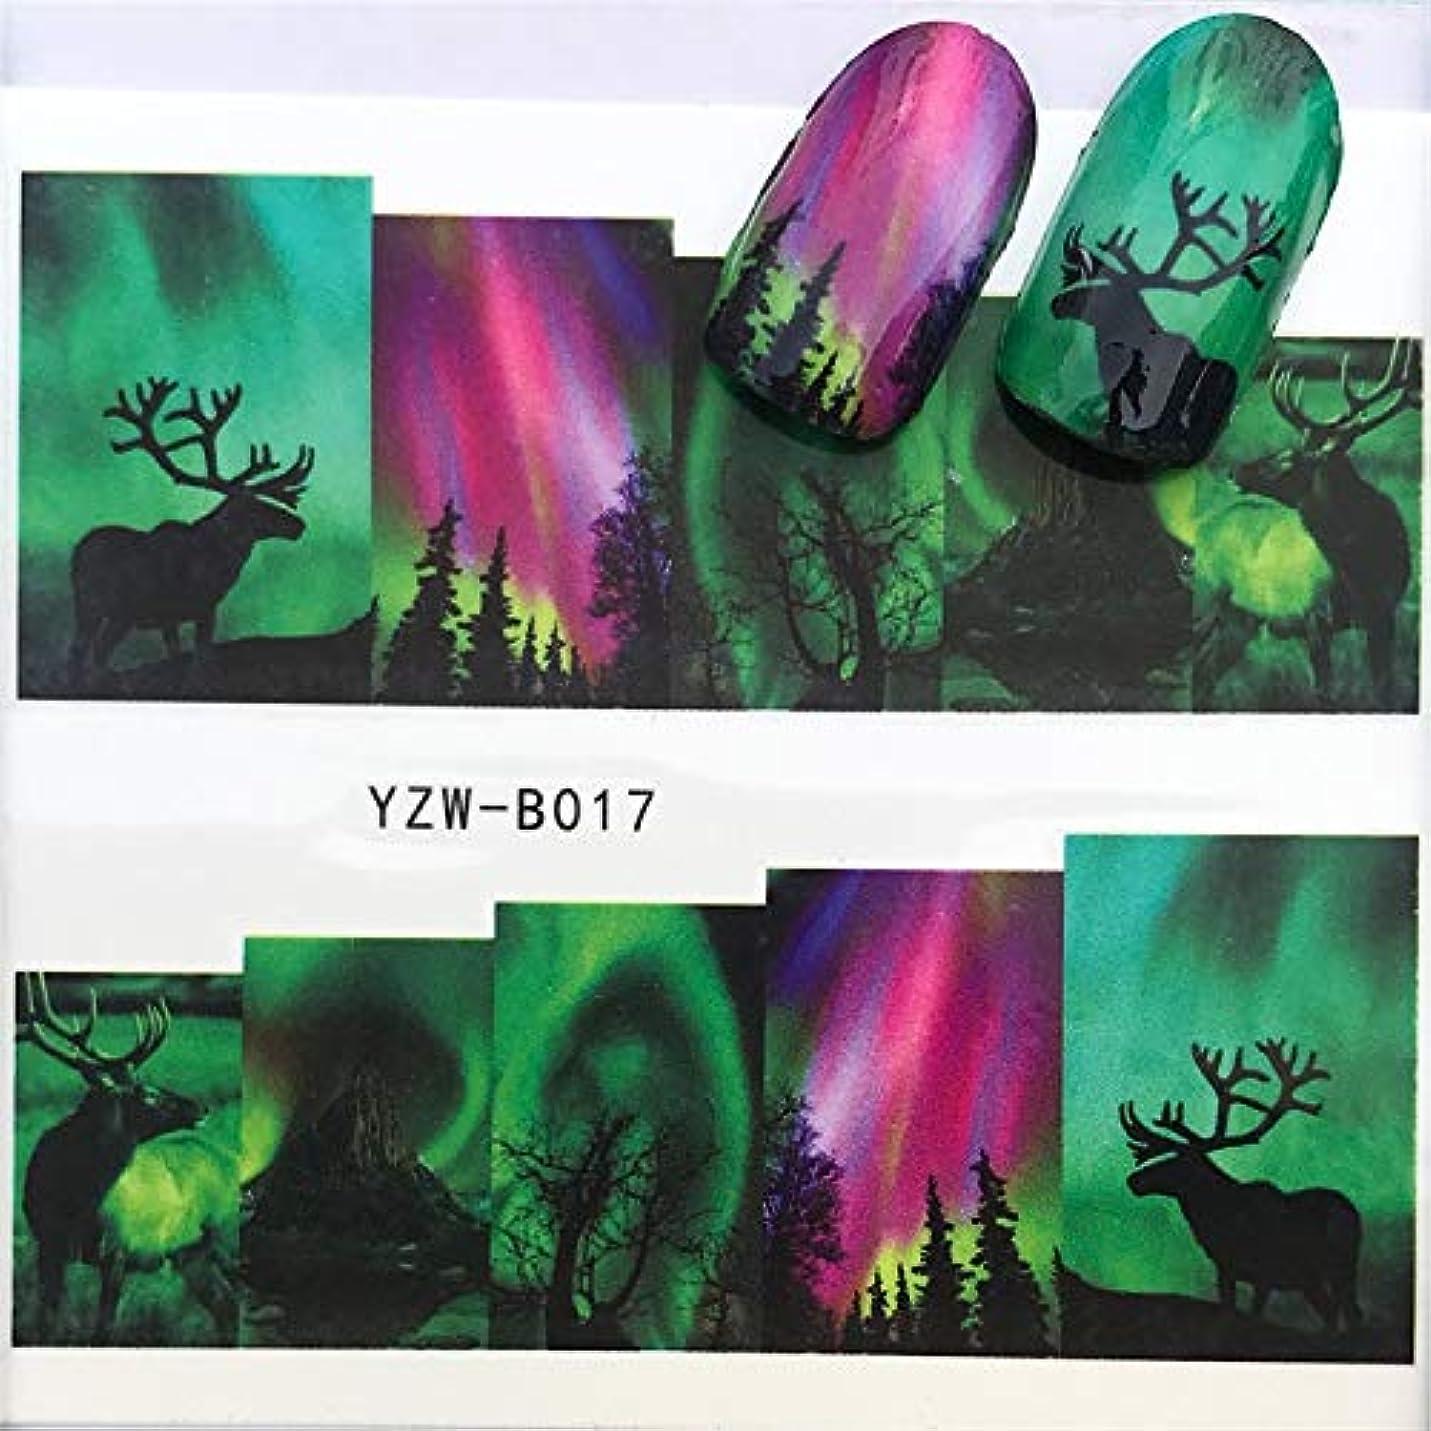 永遠のずんぐりした本土ビューティー&パーソナルケア 3個ネイルステッカーセットデカール水転写スライダーネイルアートデコレーション、色:YZWB017 ステッカー&デカール